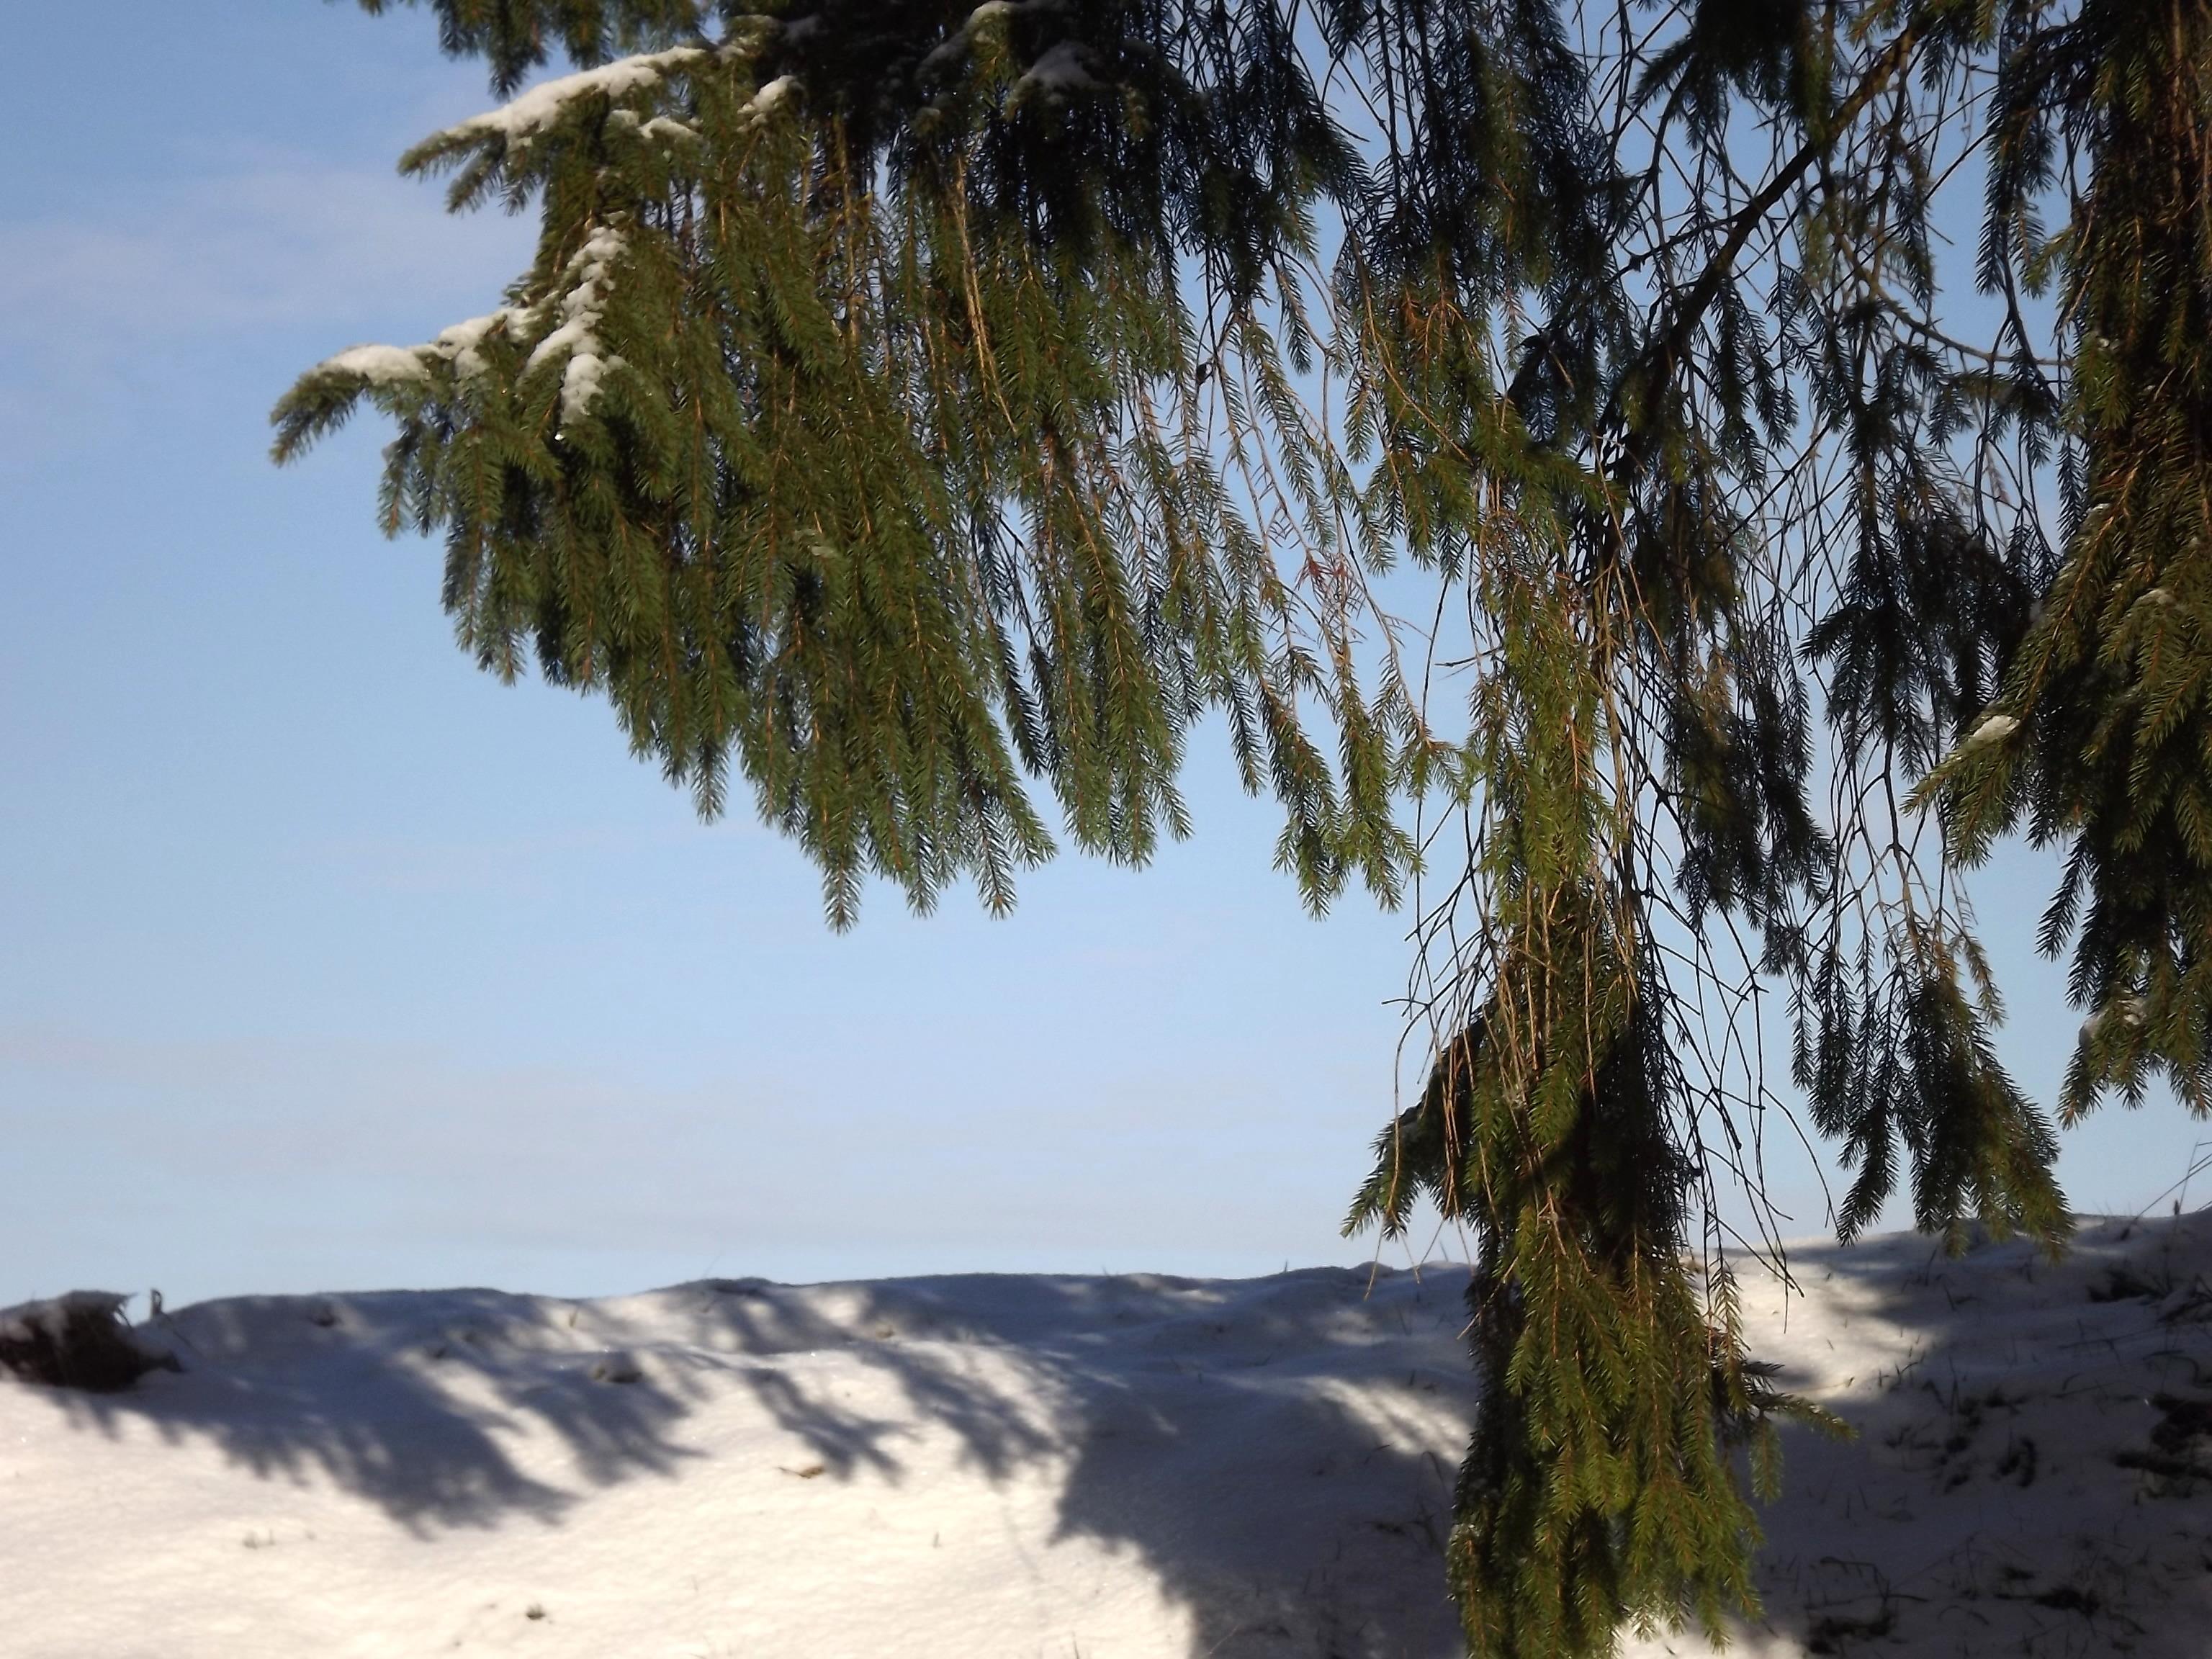 5768-schnee-hang-tanne-hintergrund-rahmen